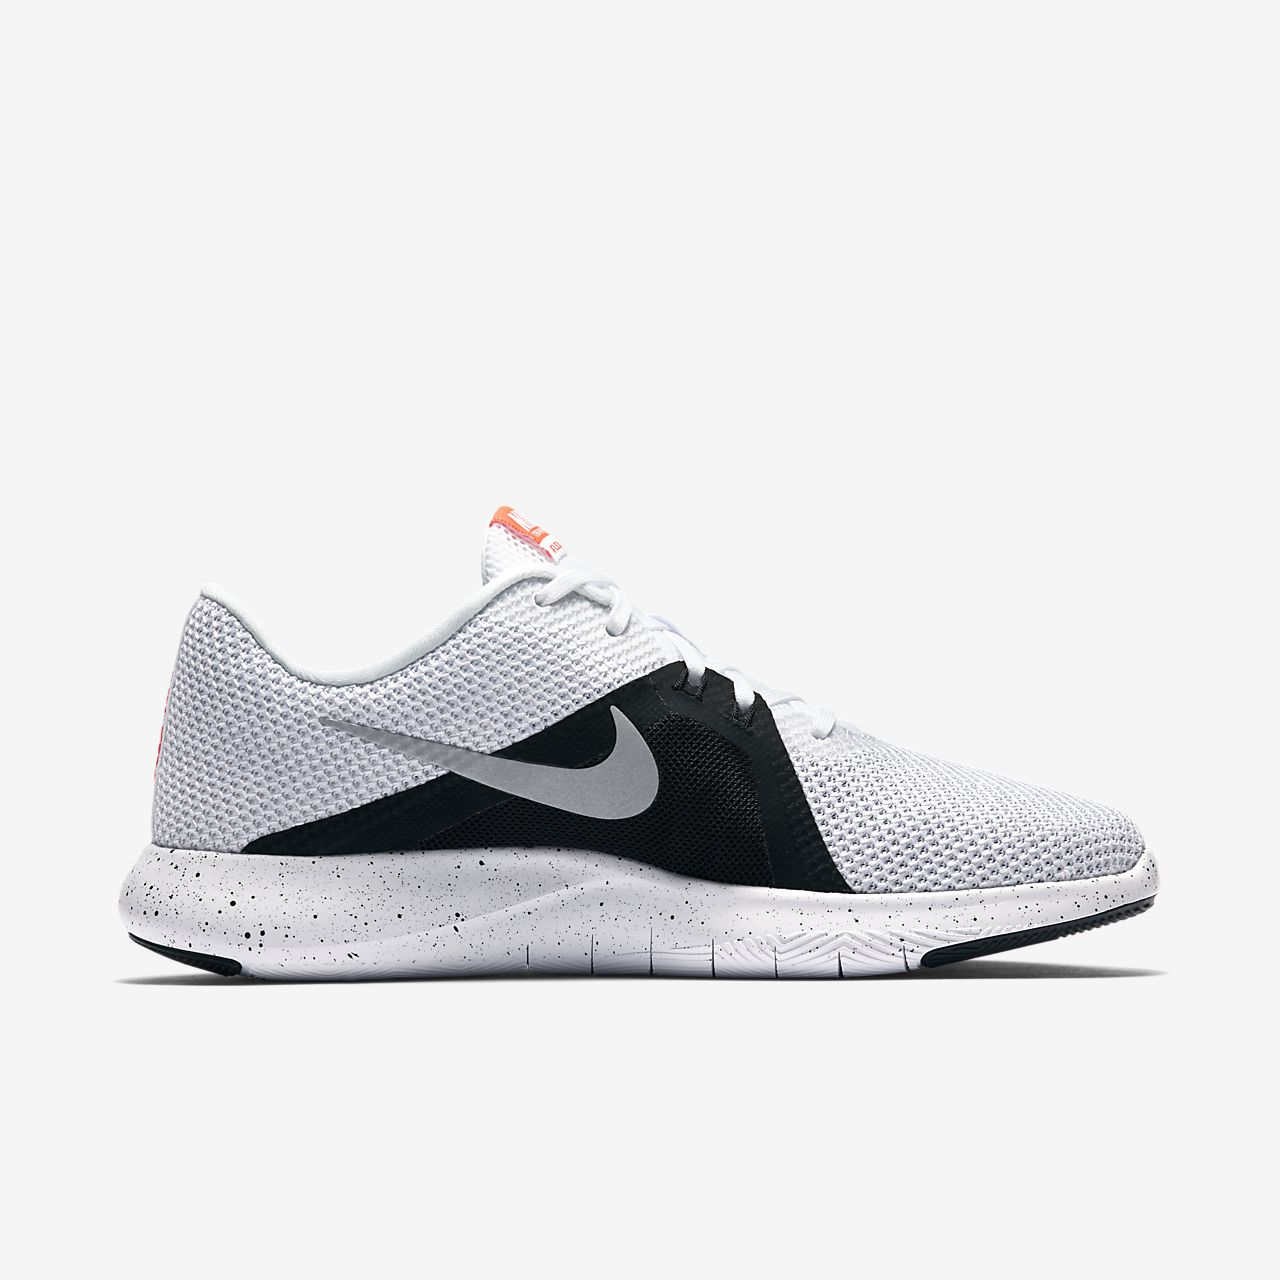 Scarpa da training Nike Flex TR8 - Donna - Bianco nike Realmente Toma Tienda De Salida Para Descuento 2018 Nuevo DsLW64B